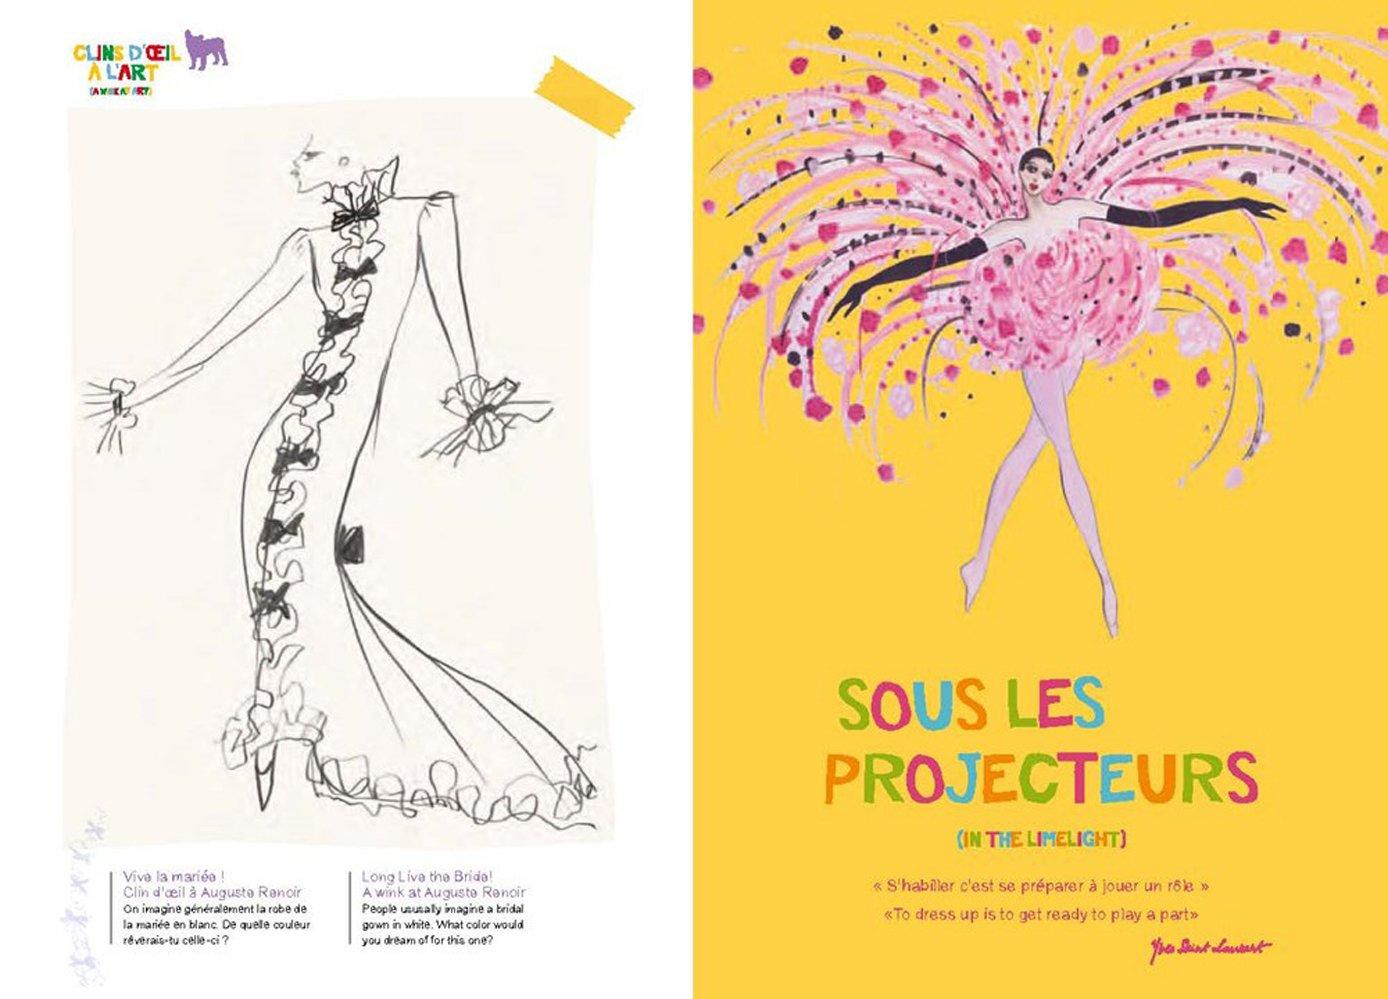 Coloring book yves saint laurent - Yves Saint Laurent Coloring Book Fondation Pierre Berg Yves Saint Laurent 9781551526393 Amazon Com Books